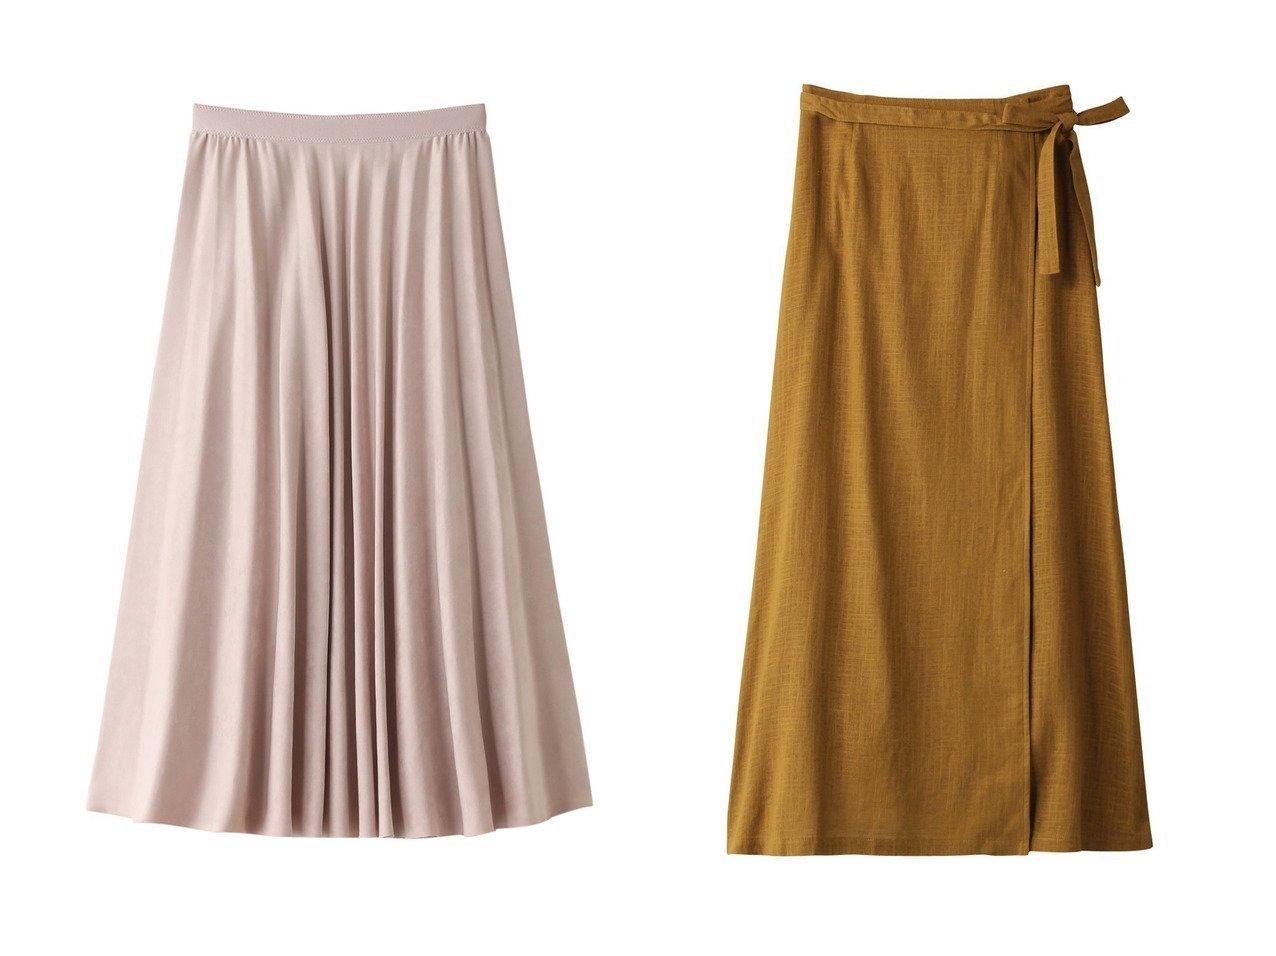 【ANAYI/アナイ】のスエードチョウフレアプリーツスカート&【ROSE BUD/ローズバッド】のリネン巻きスカート 【スカート】おすすめ!人気、トレンド・レディースファッションの通販 おすすめで人気の流行・トレンド、ファッションの通販商品 インテリア・家具・メンズファッション・キッズファッション・レディースファッション・服の通販 founy(ファニー) https://founy.com/ ファッション Fashion レディースファッション WOMEN スカート Skirt ロングスカート Long Skirt プリーツスカート Pleated Skirts トレンド フレア マキシ リネン ロング 再入荷 Restock/Back in Stock/Re Arrival 夏 Summer A/W・秋冬 AW・Autumn/Winter・FW・Fall-Winter スエード プリーツ |ID:crp329100000056320